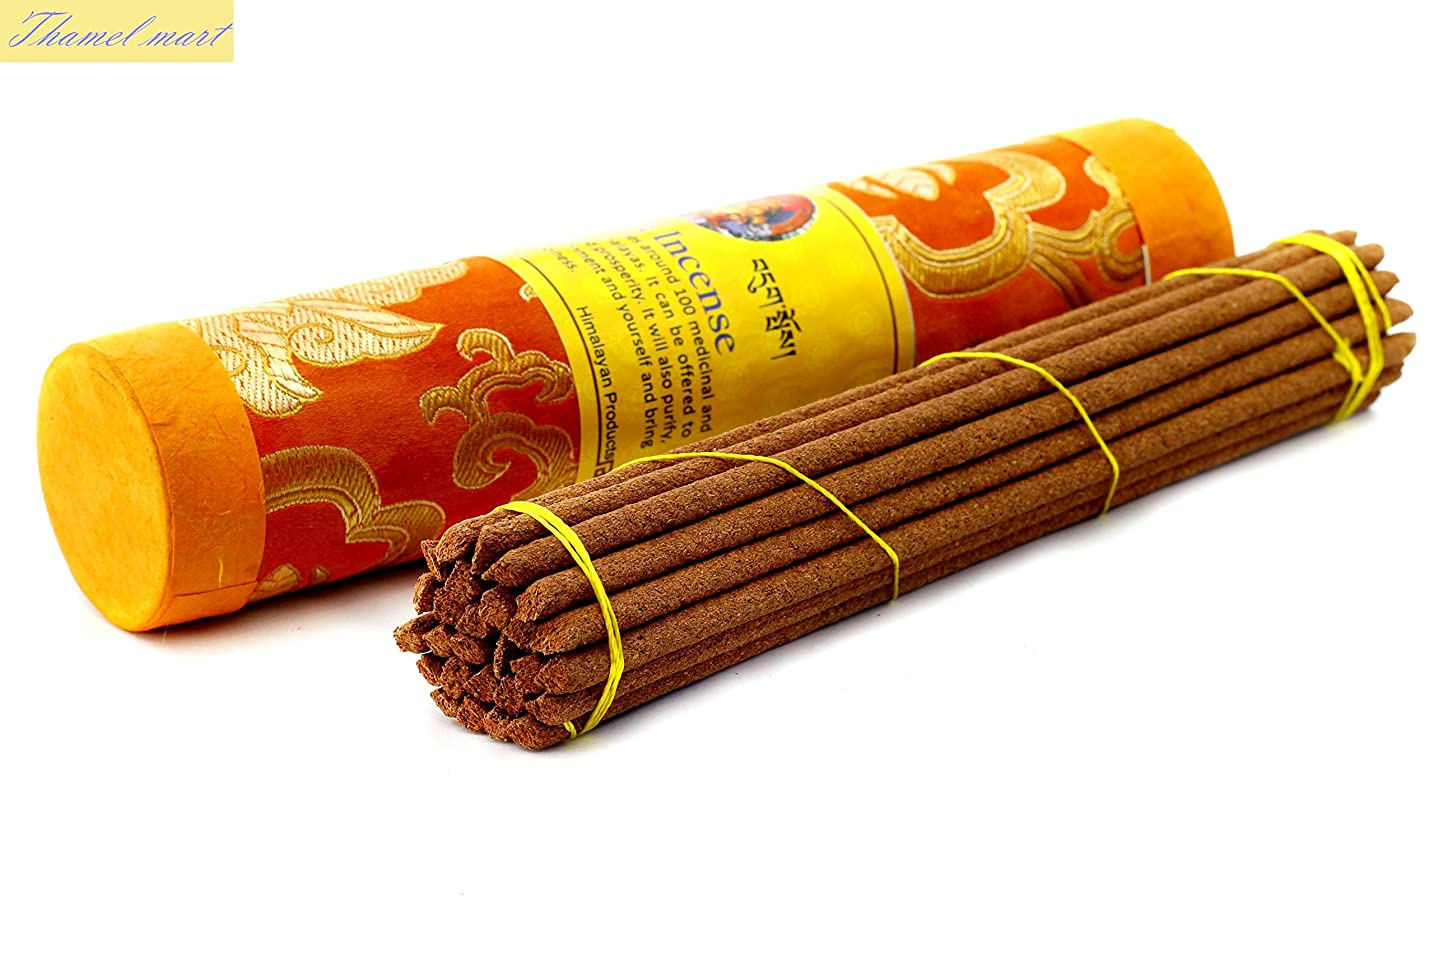 リズム闇メキシコZambala Tibetan Incense Sticks?–?Spiritual & Medicinal Relaxation Potpourrisより?–?効果的& Scented Oils